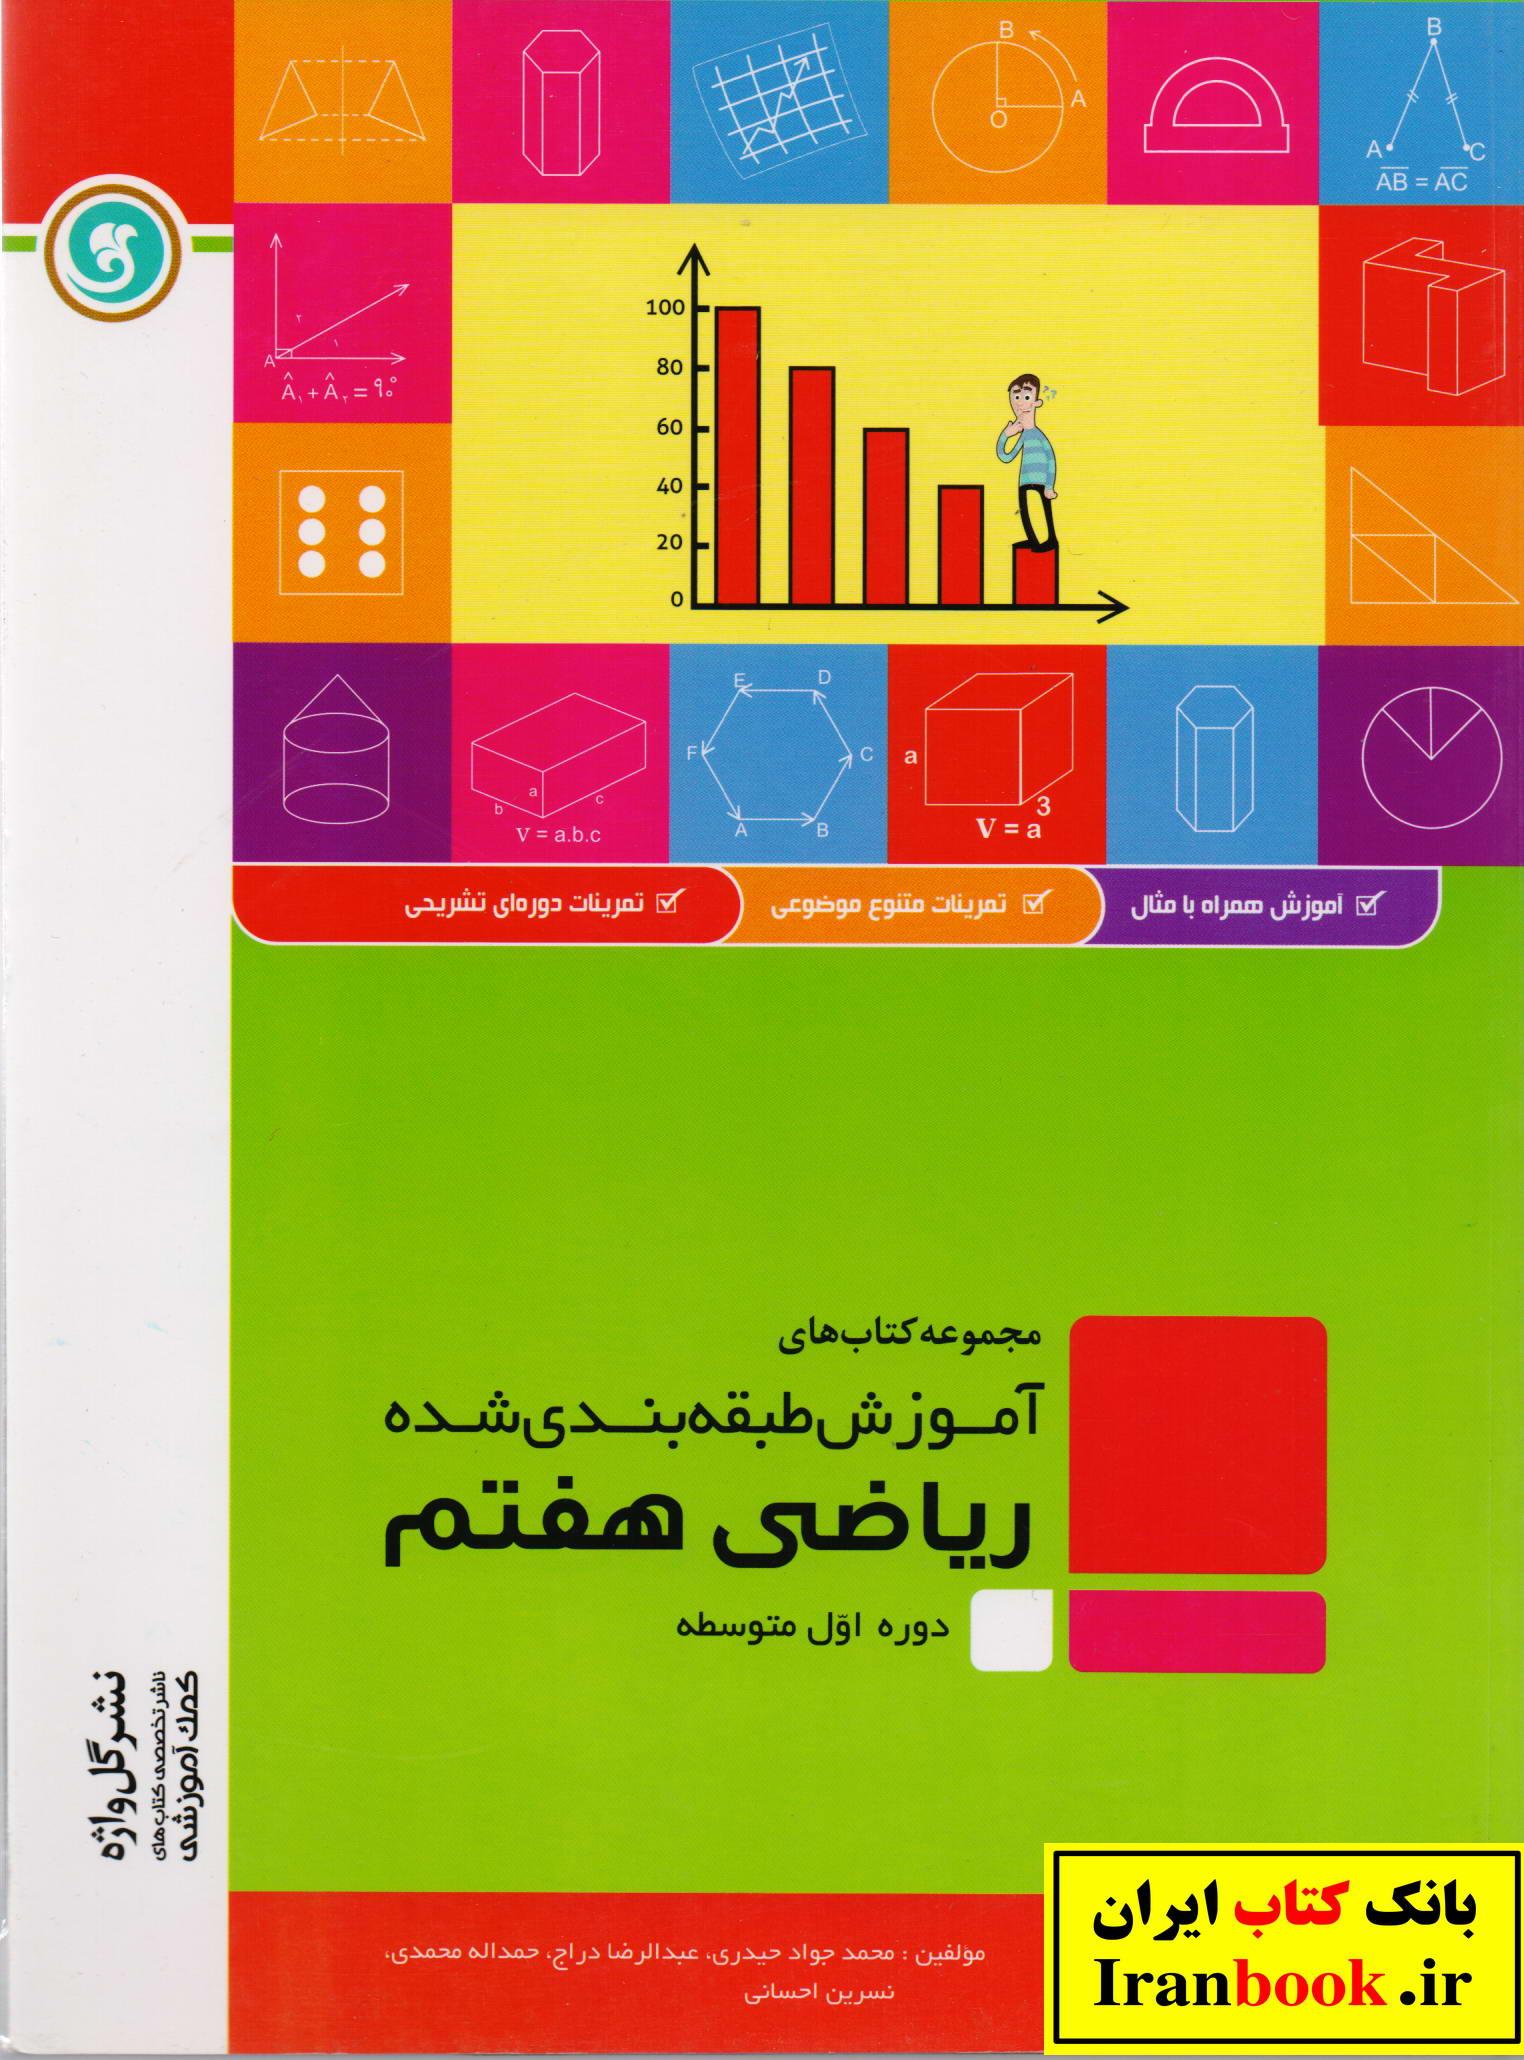 آموزش طبقه بندی شده ریاضی هفتم انتشارات گلواژه